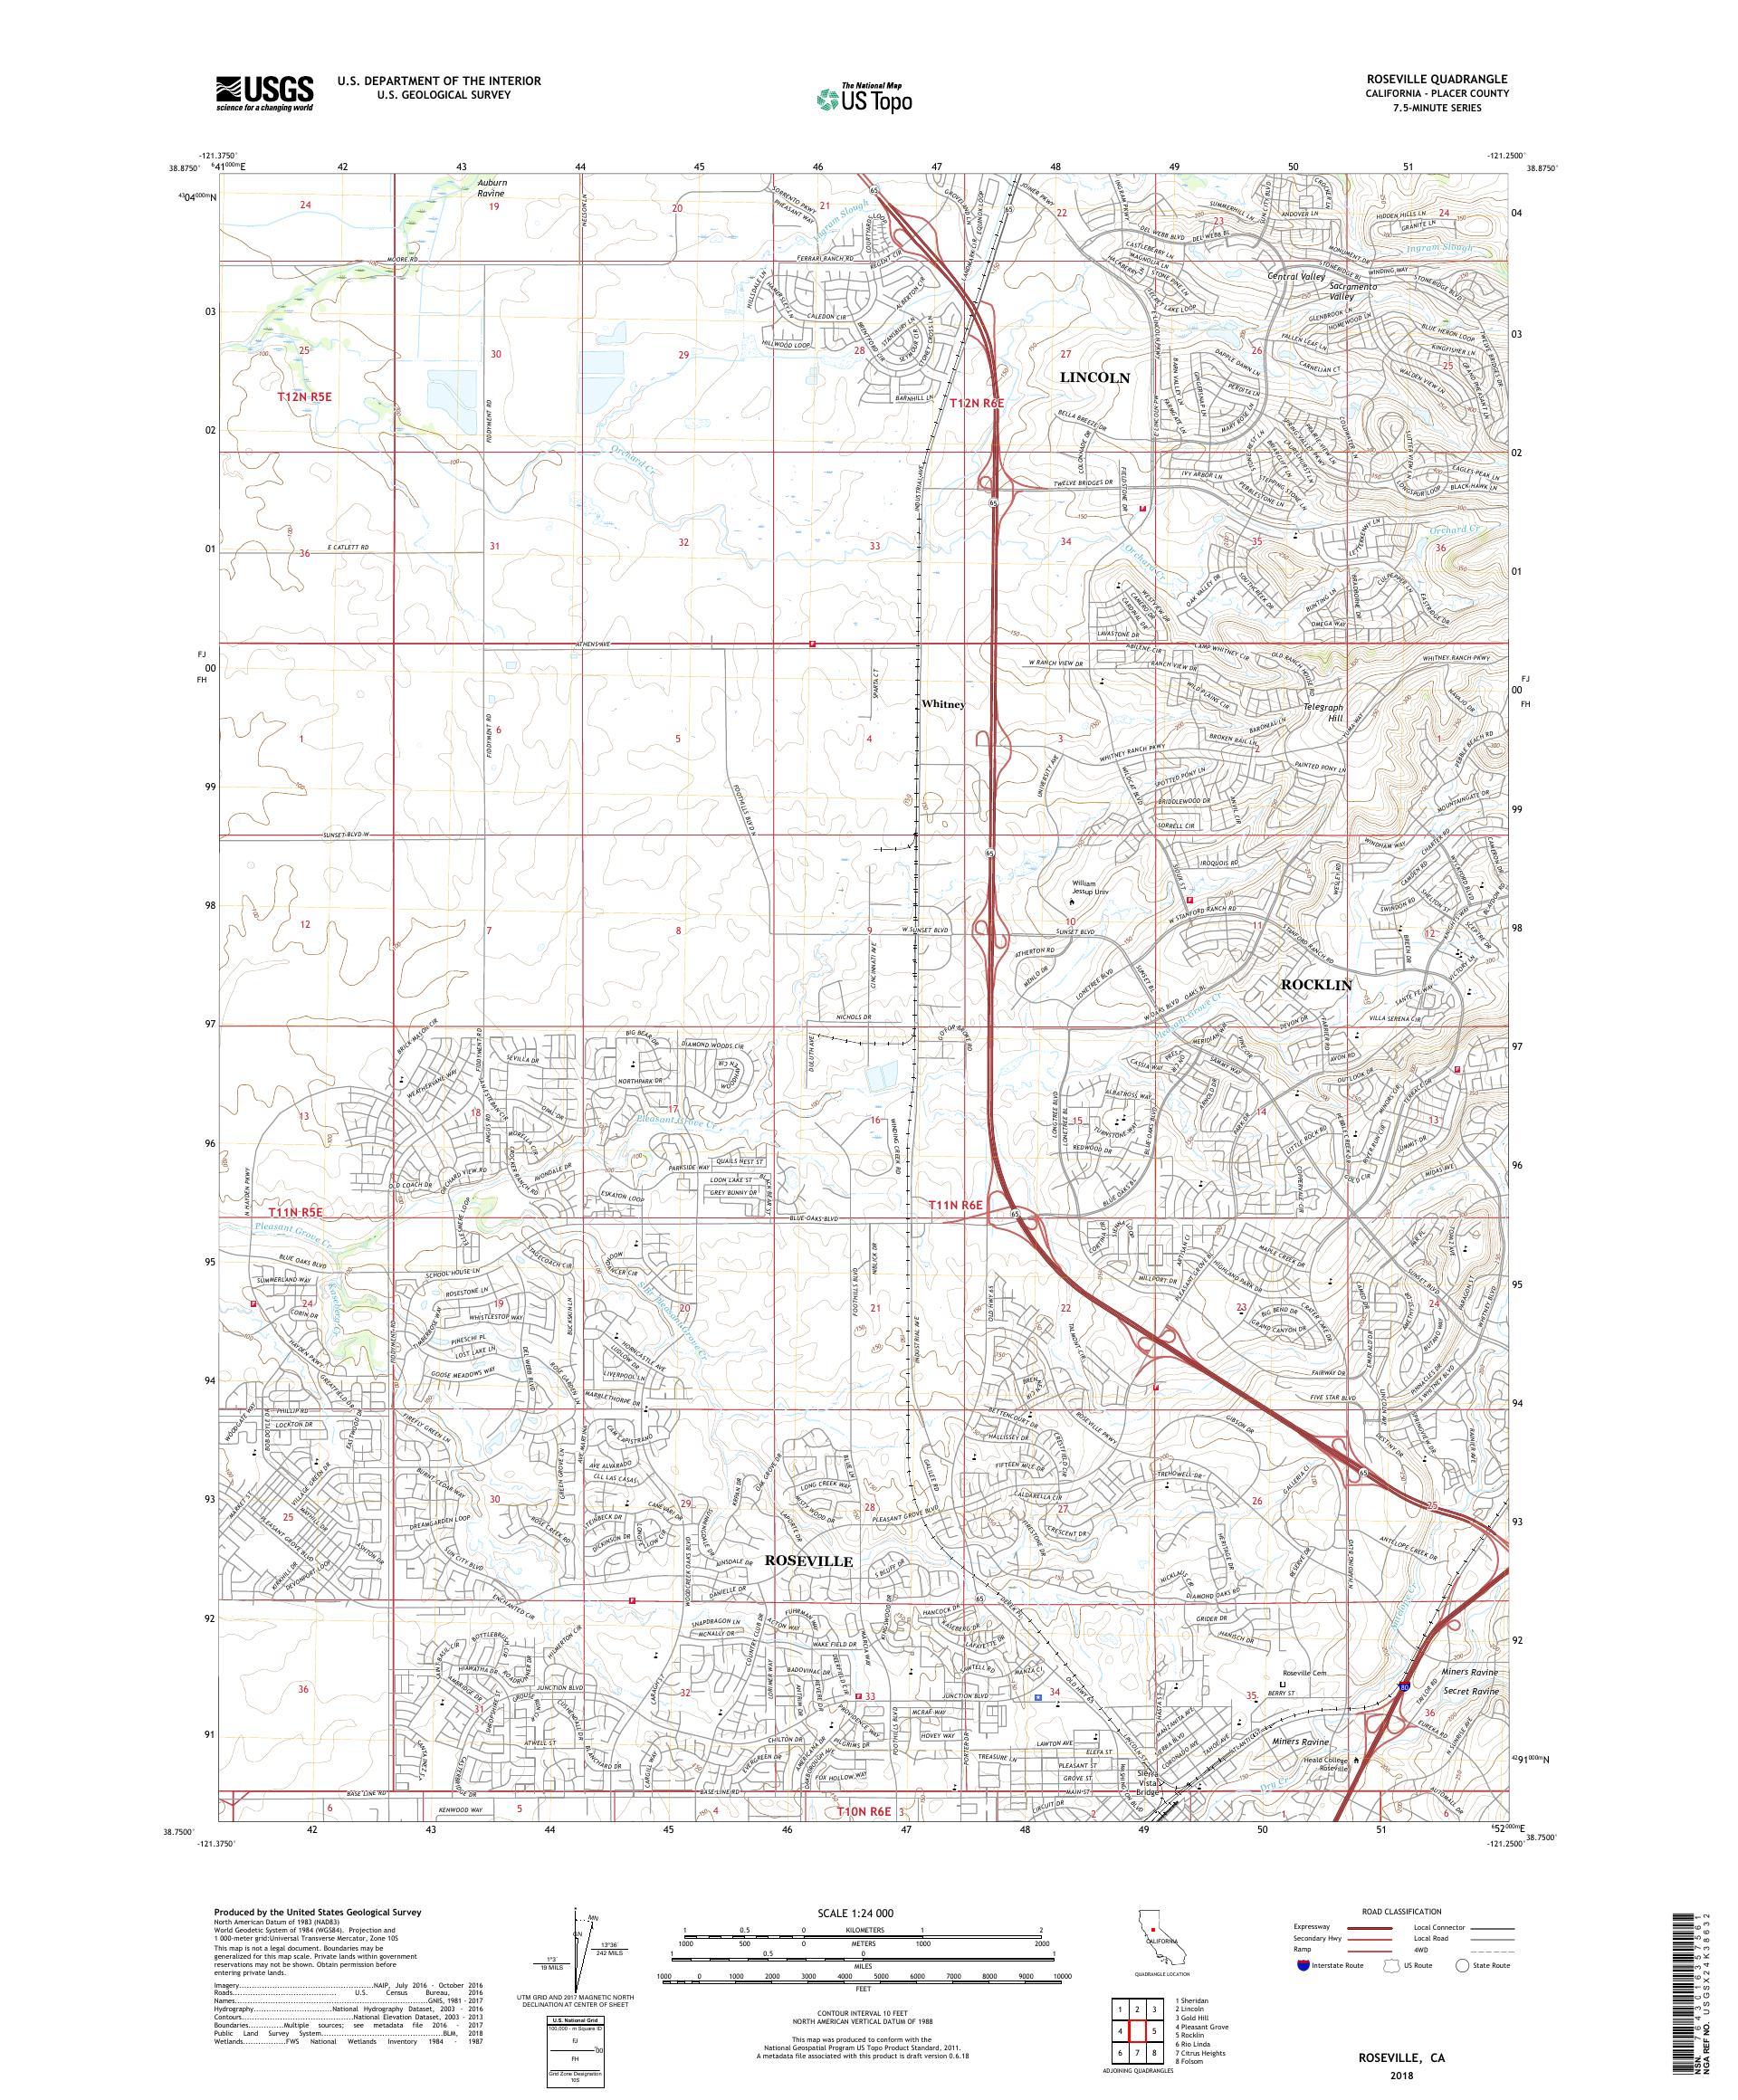 MyTopo Roseville, California USGS Quad Topo Map